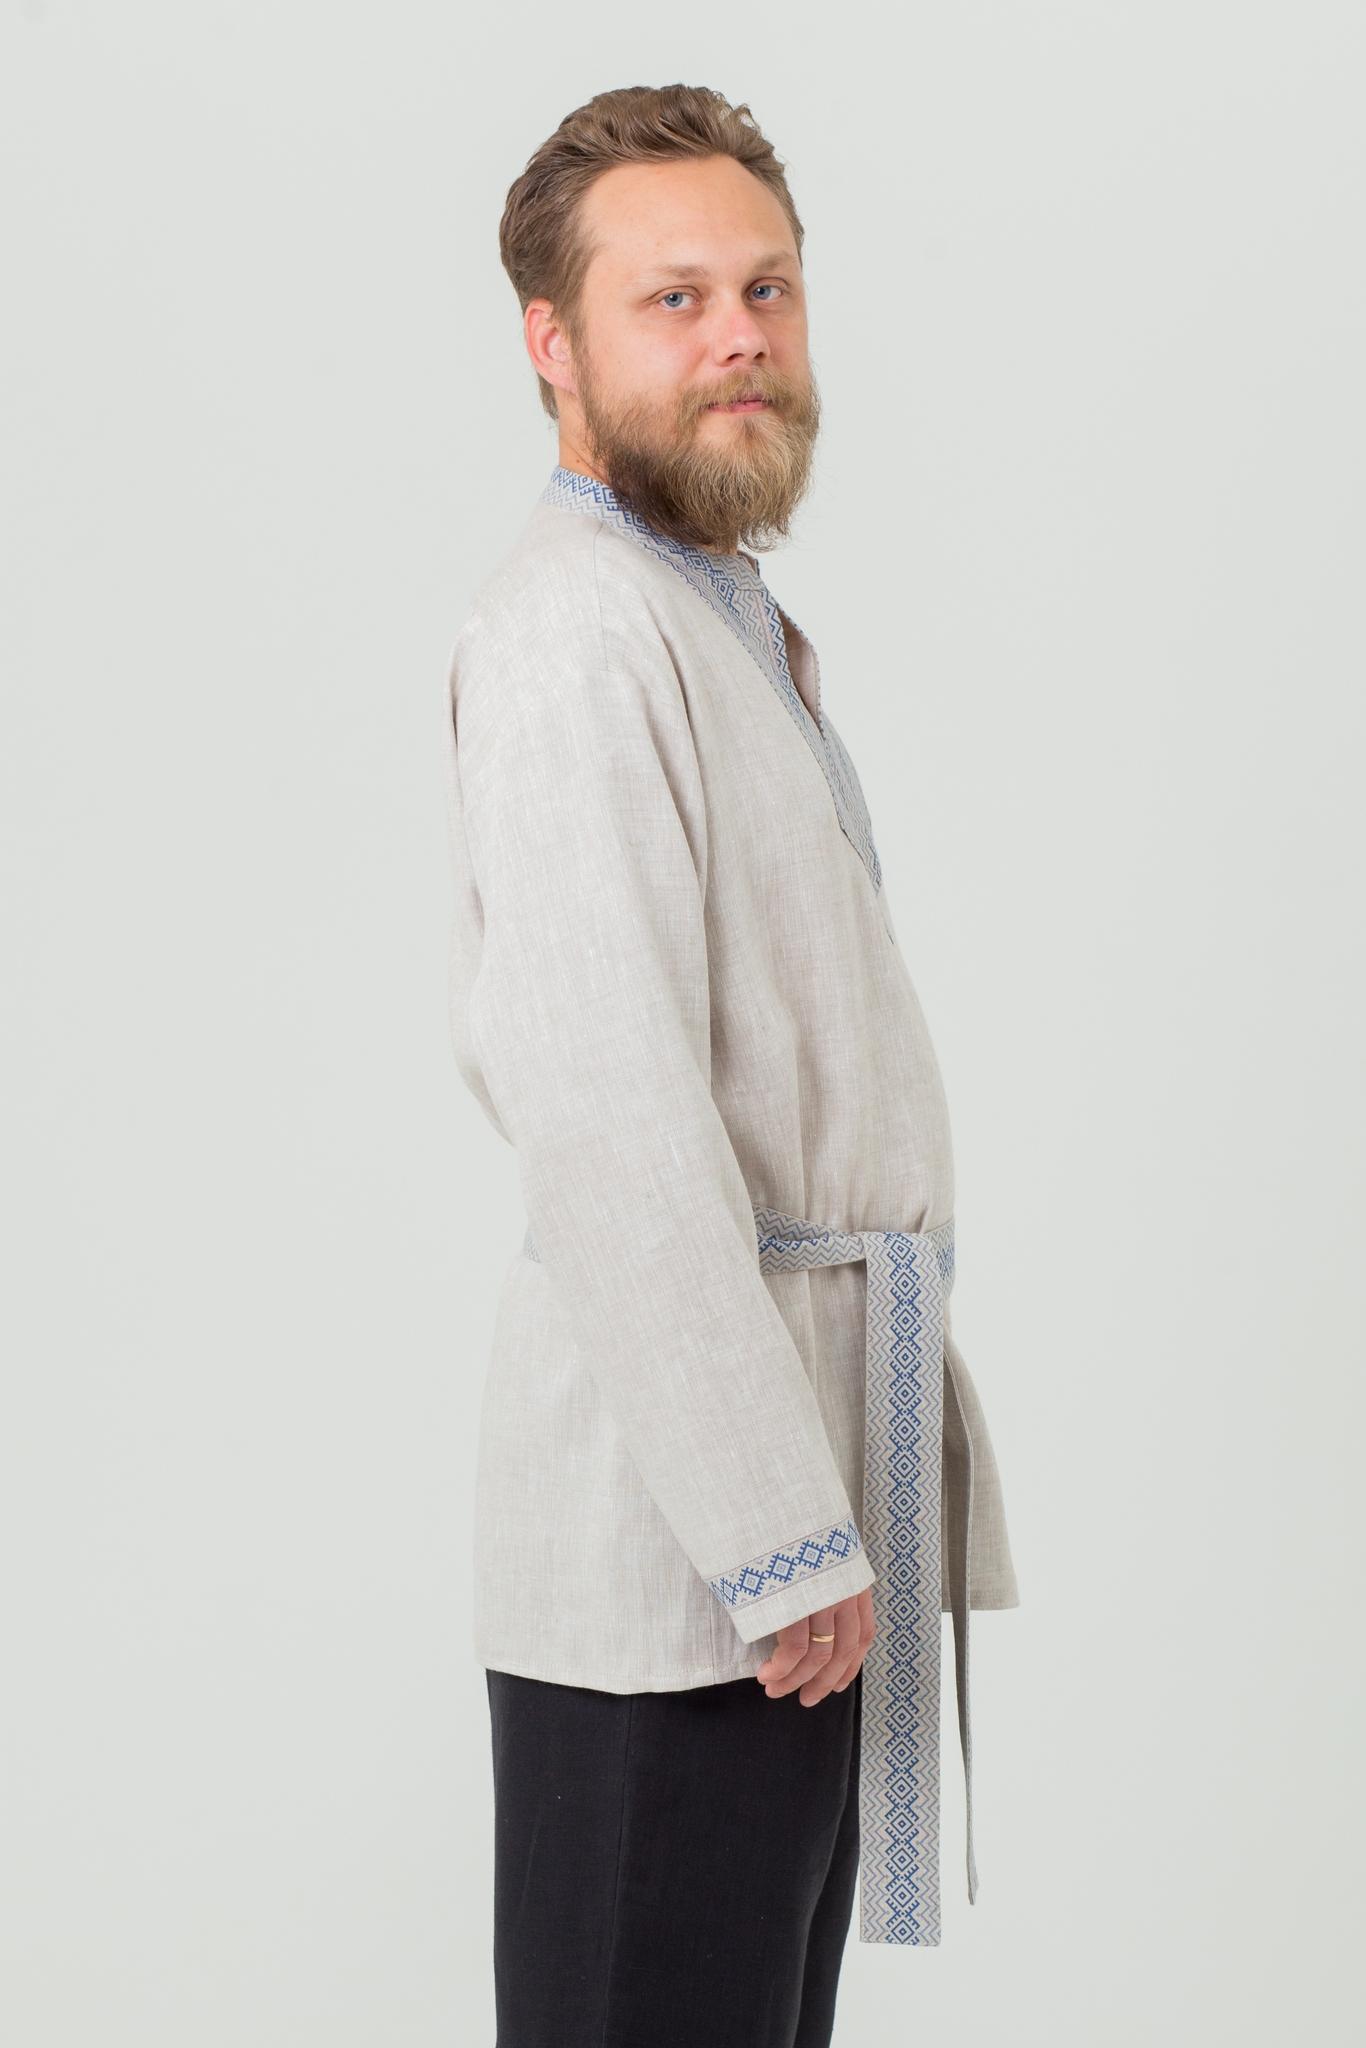 Льняная рубаха в русском стиле Льняной дождь